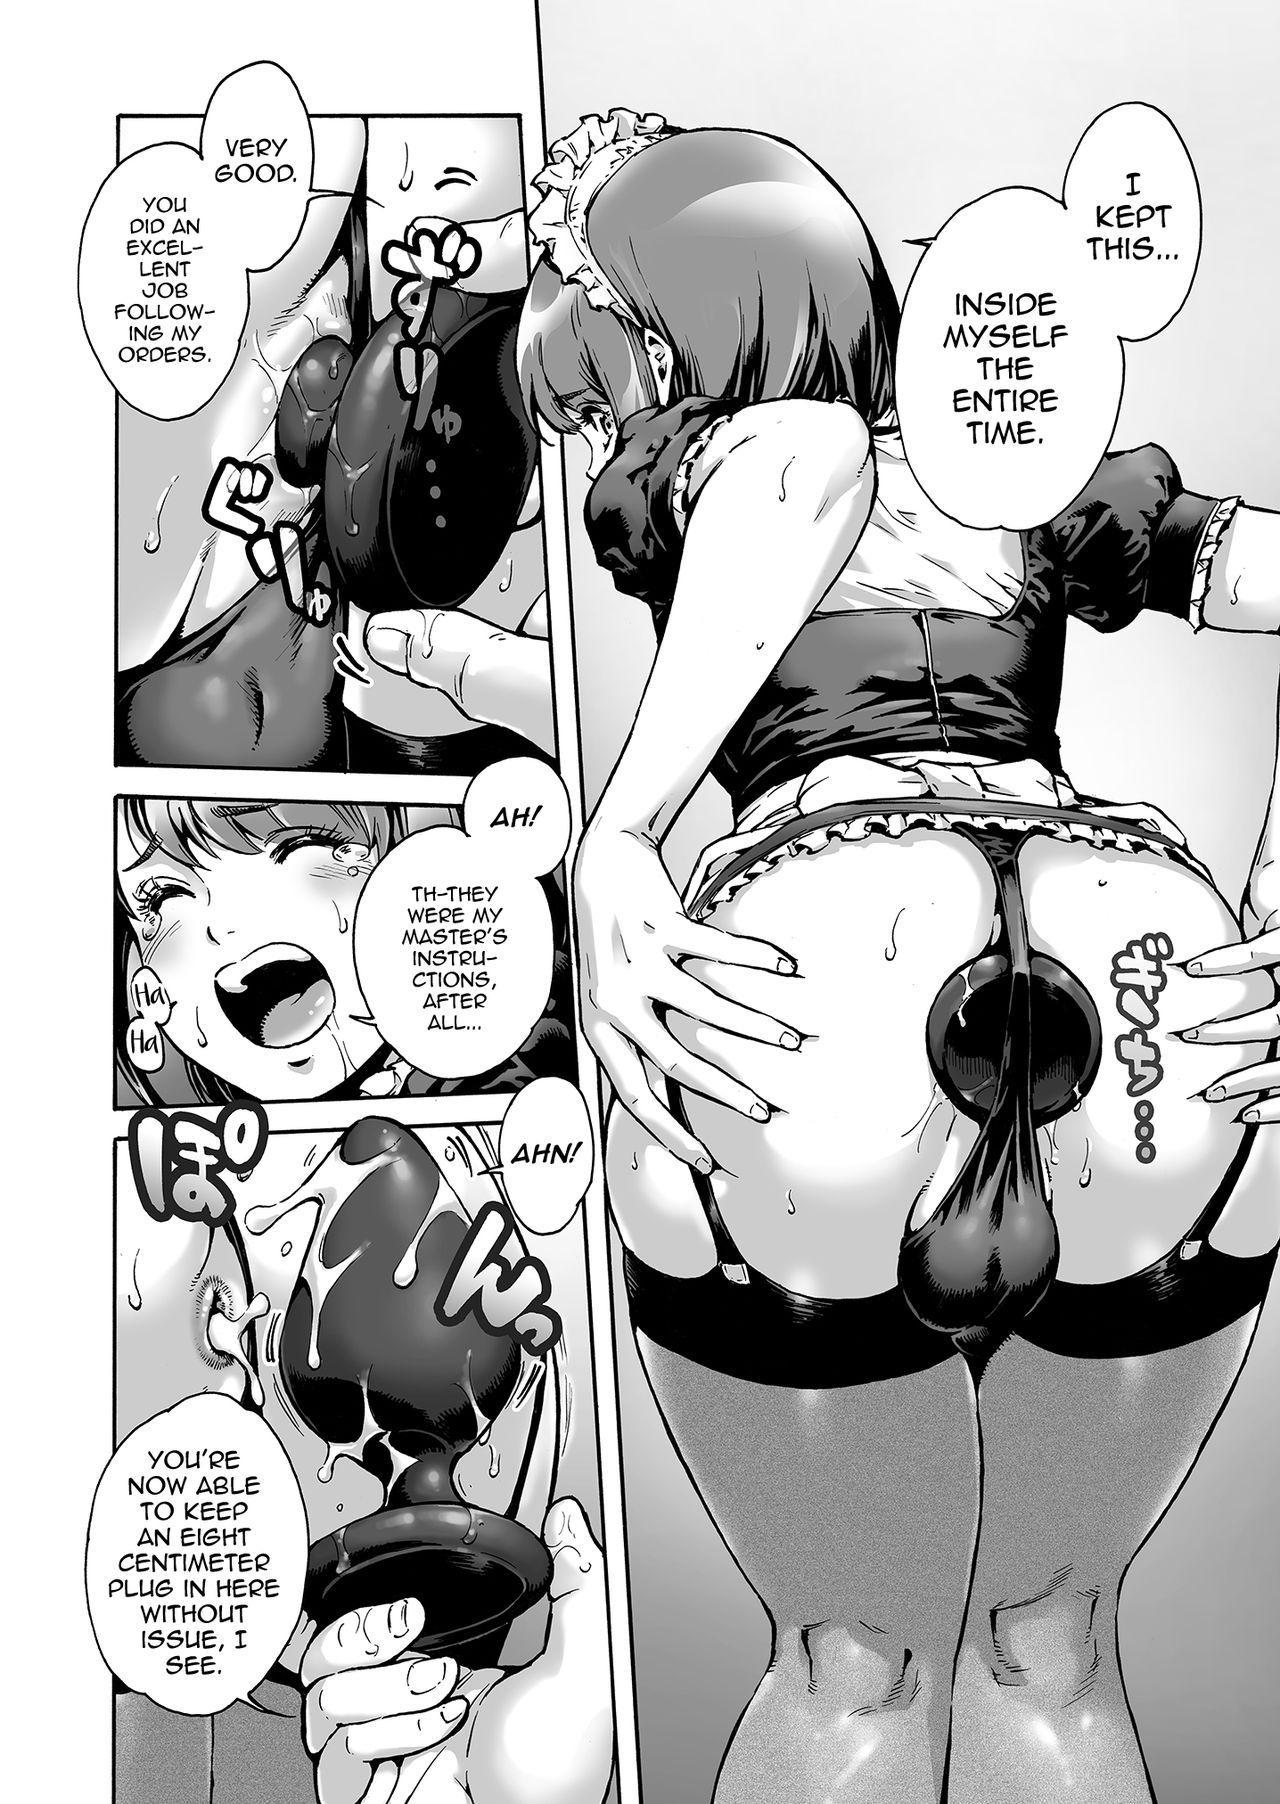 Onoko to. ACT 4 Maid Onoko 2